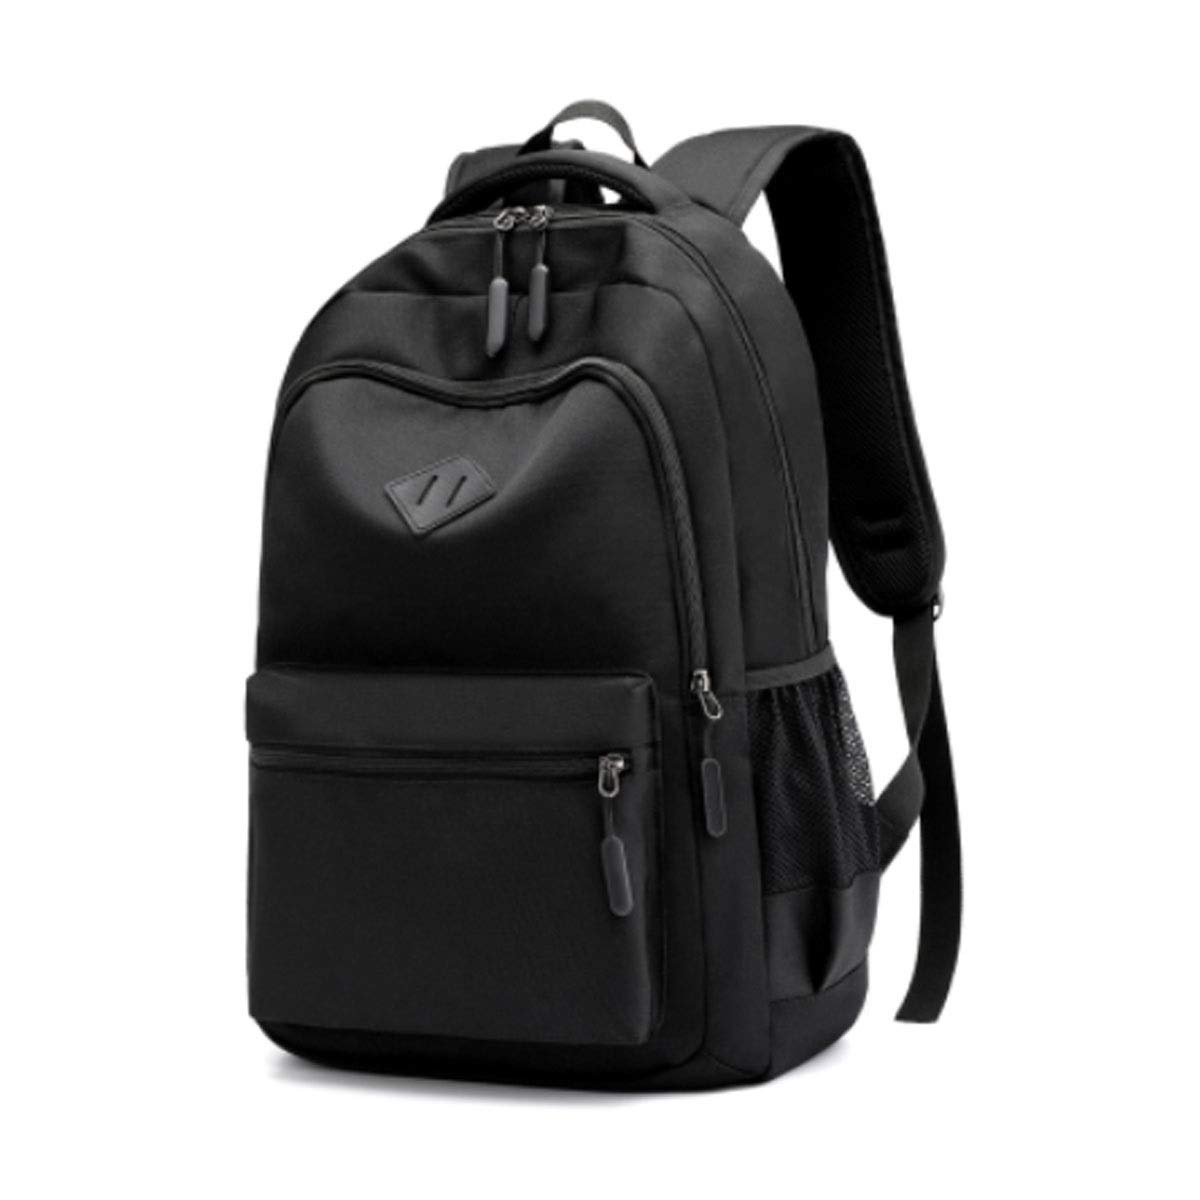 Borsa da scuola, borsa per studenti, zaino impermeabile resistente all'usura, adatto per studenti delle scuole superiori, 31  15-45cm, rosso, blu